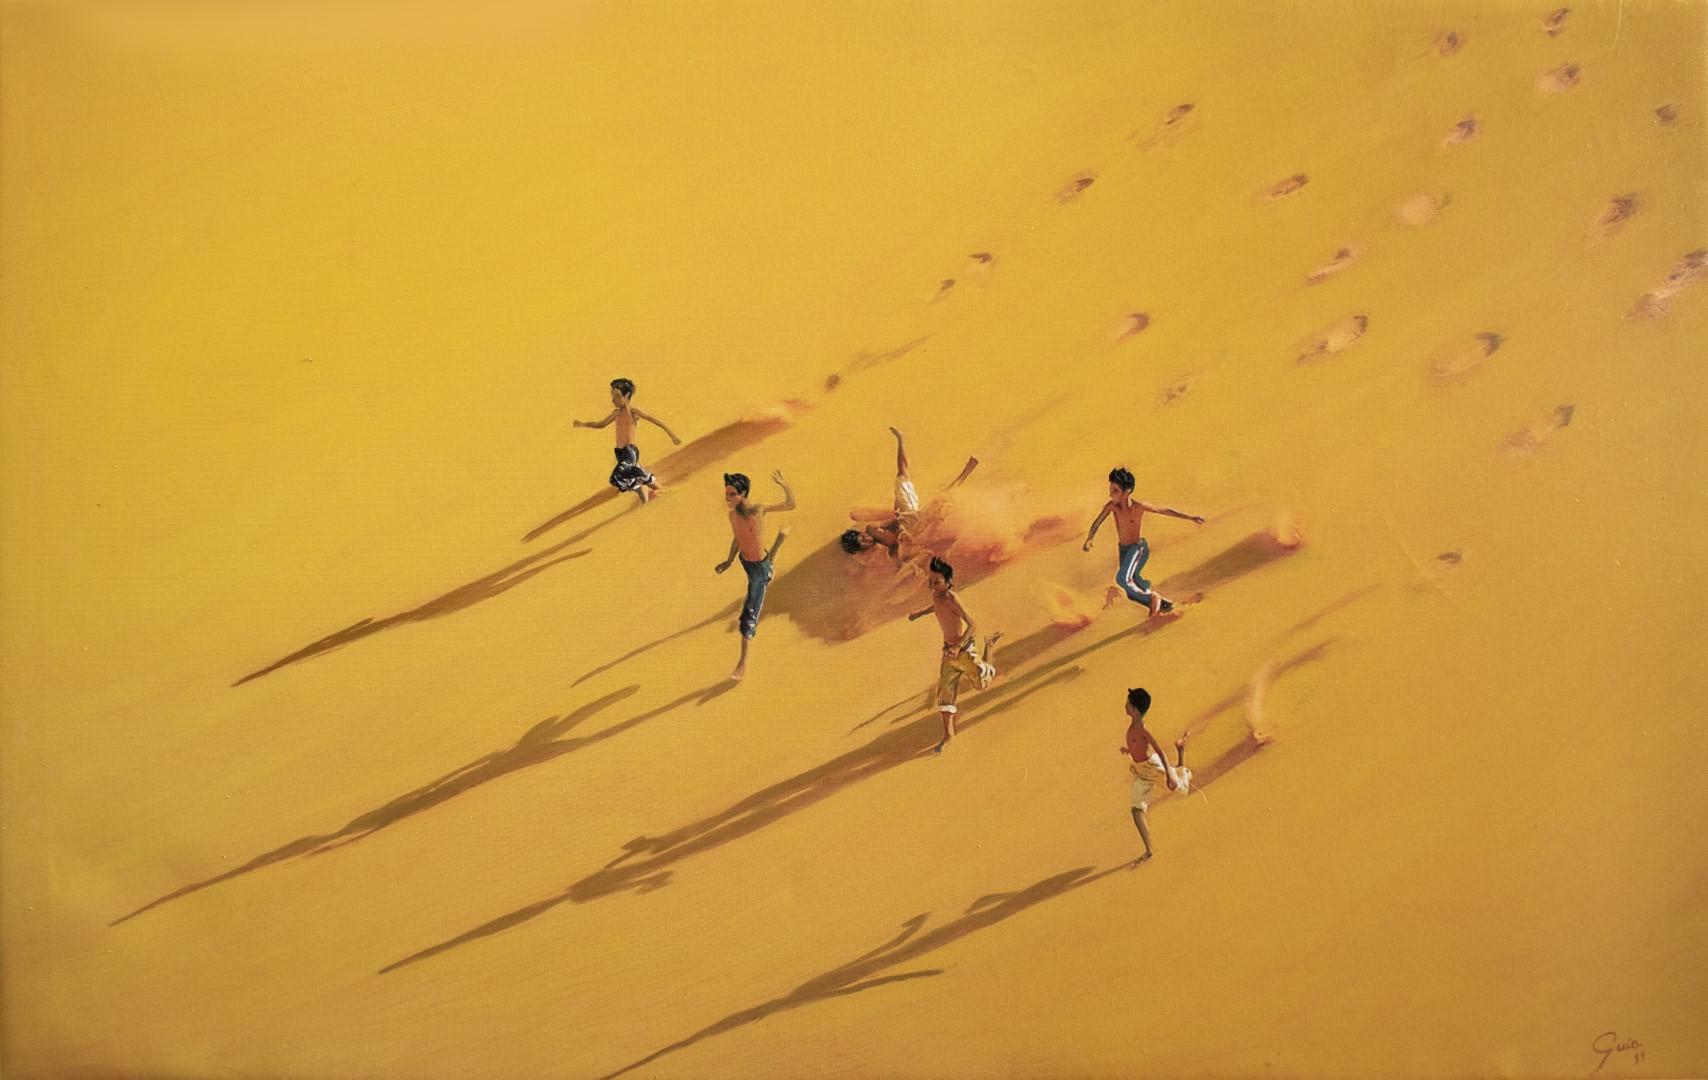 Juegos de dunas 2020